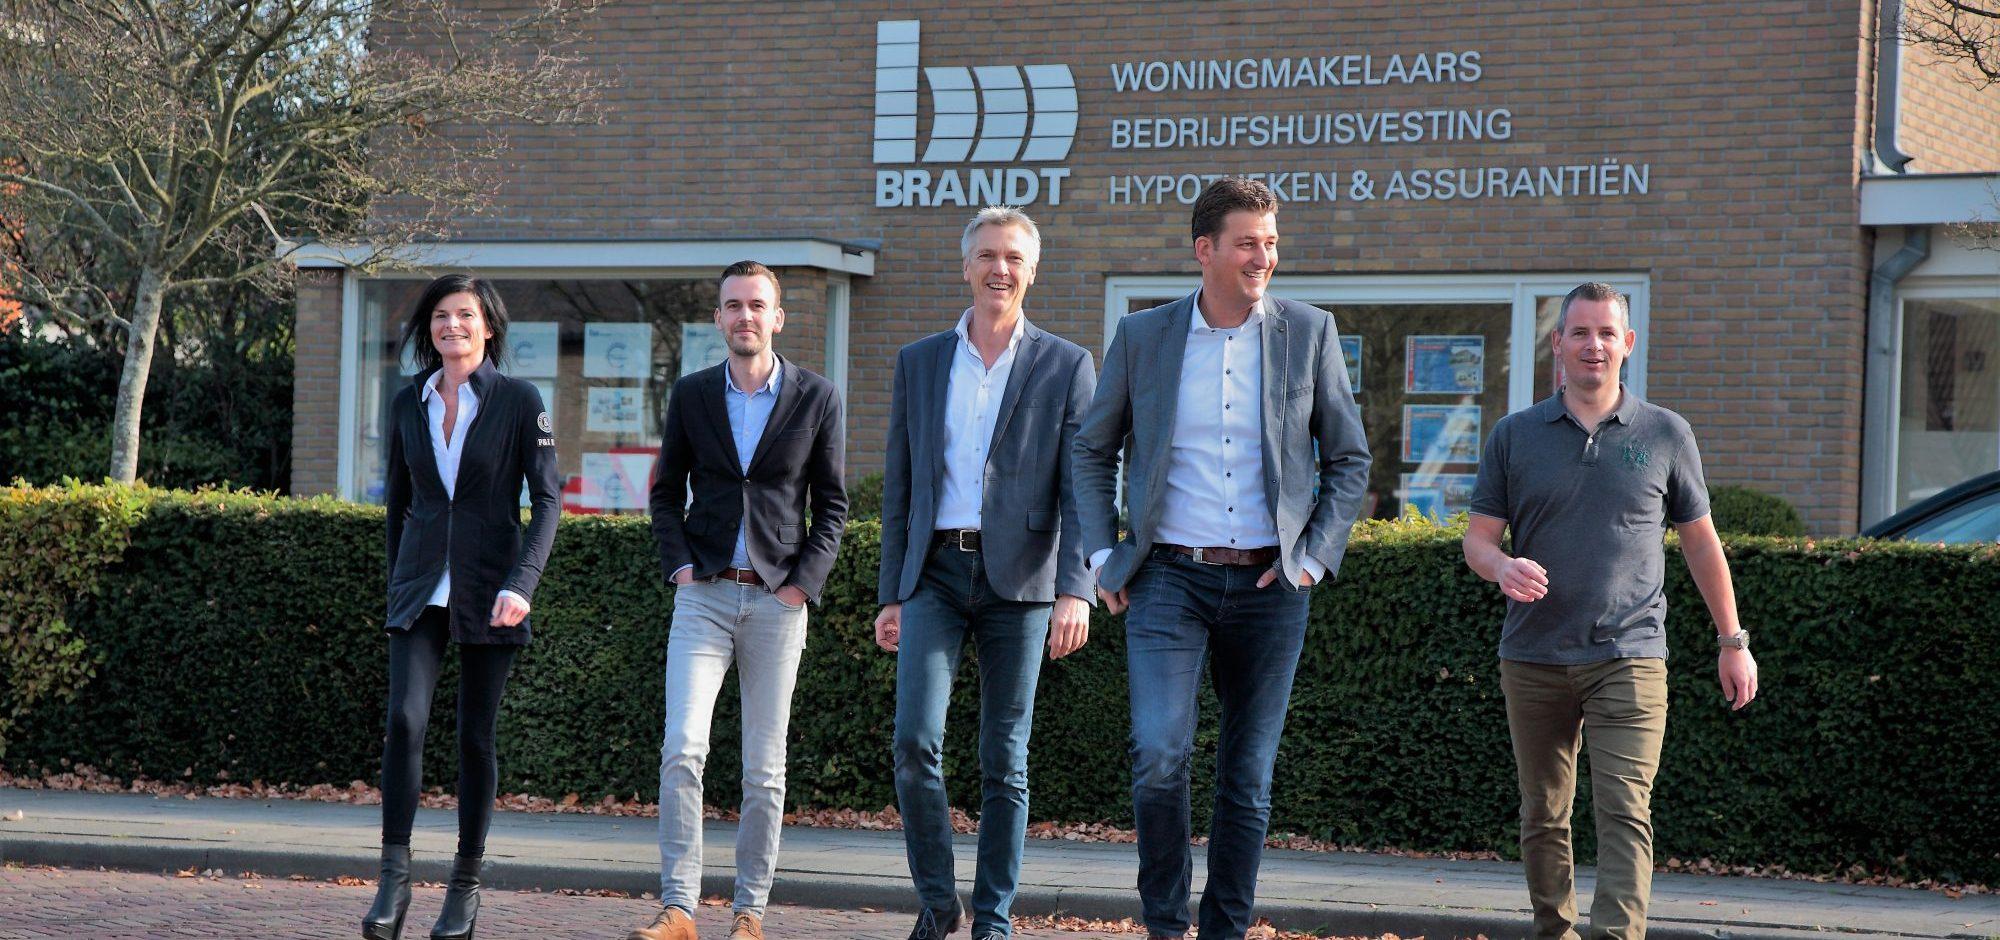 Team Brandt Makelaars Harderwijk